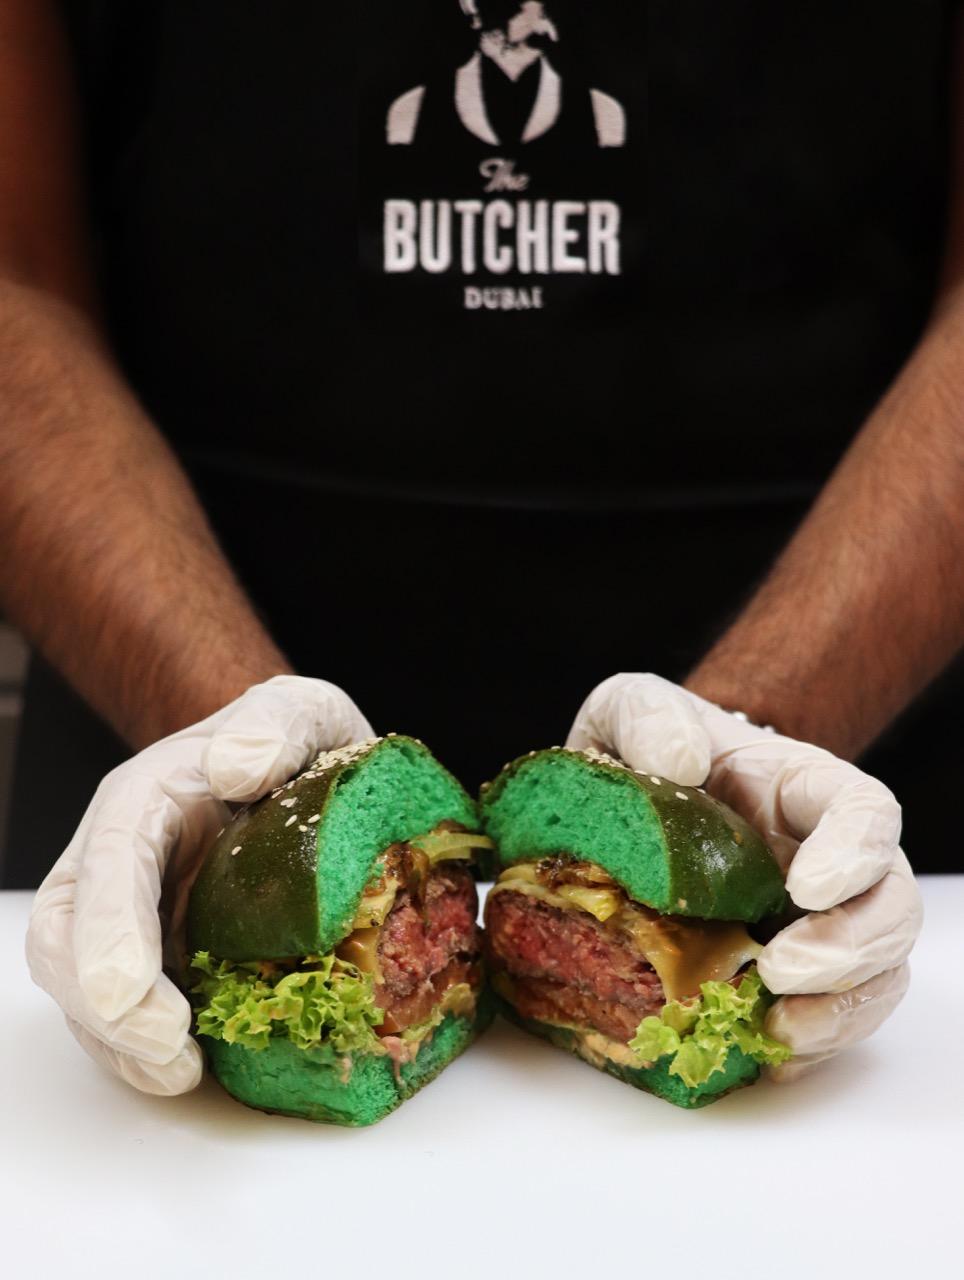 مطعم ذا بوتشر يعلن عن عرضه لليوم الوطني السعودي 89